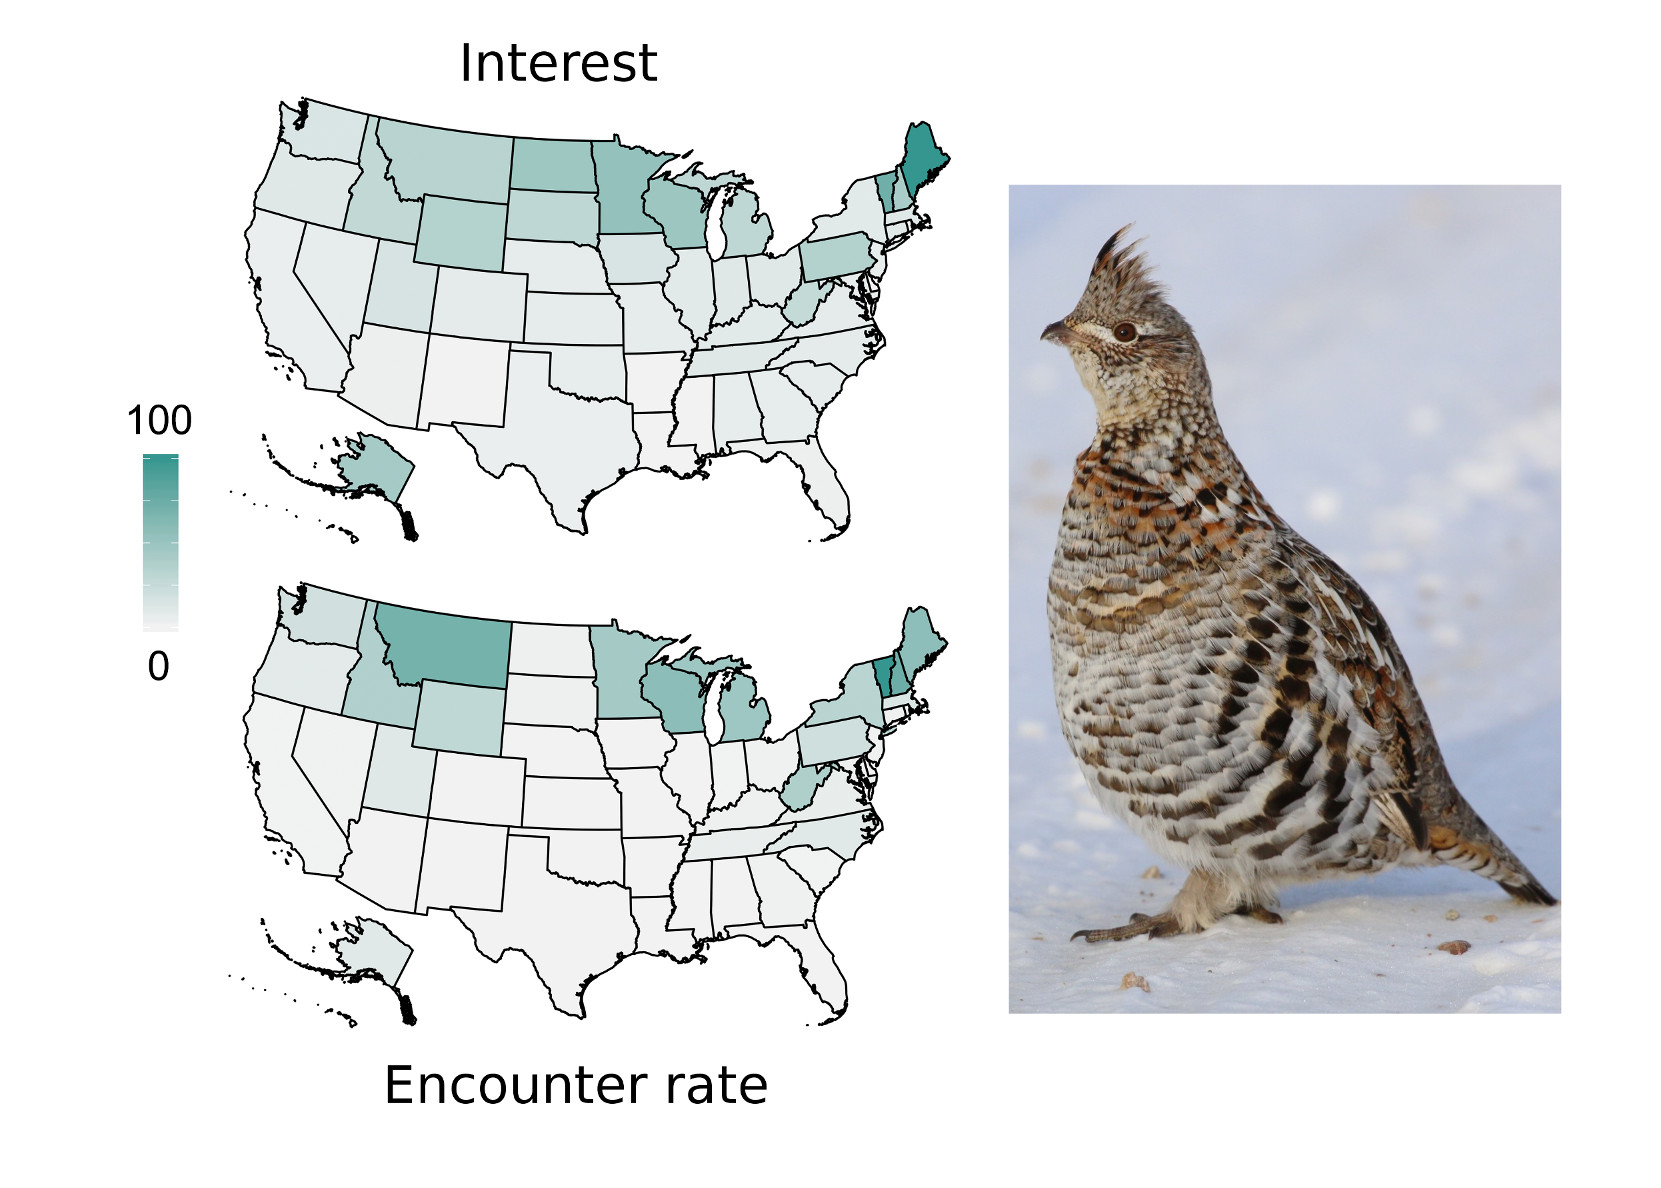 Haut niveau de corrélation observé pour le taux de rencontre de la gélinotte huppée et la répartition spatiale de l'intérêt sociétal